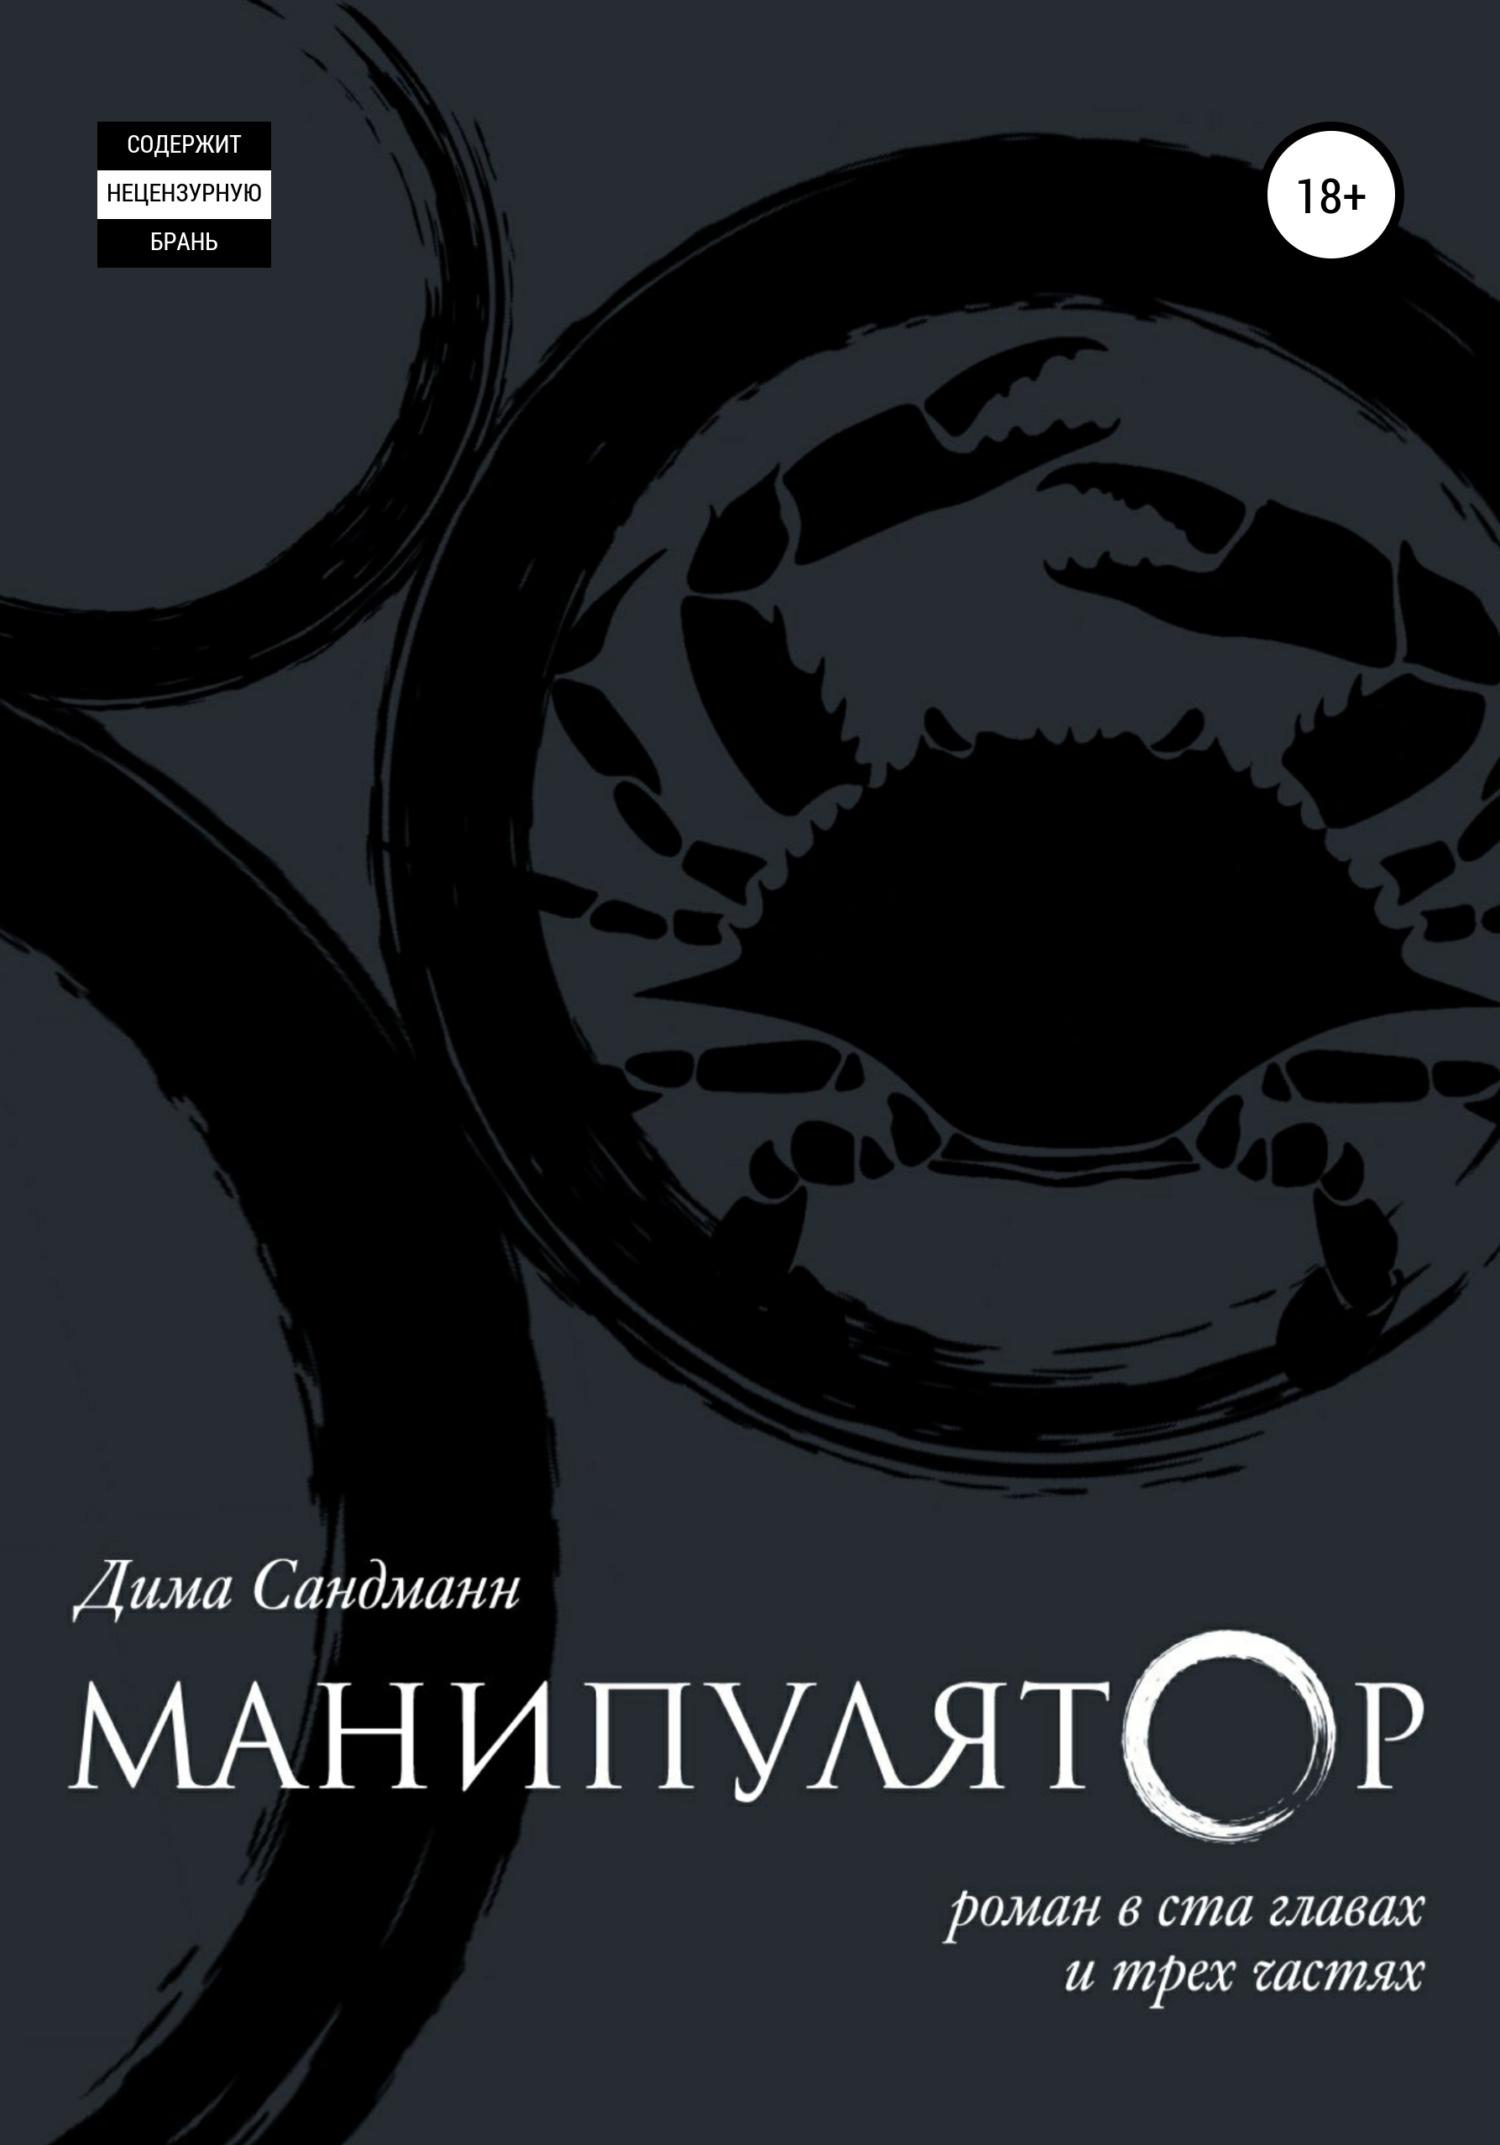 Дима Сандманн Манипулятор. Глава 060 дима сандманн манипулятор глава 016